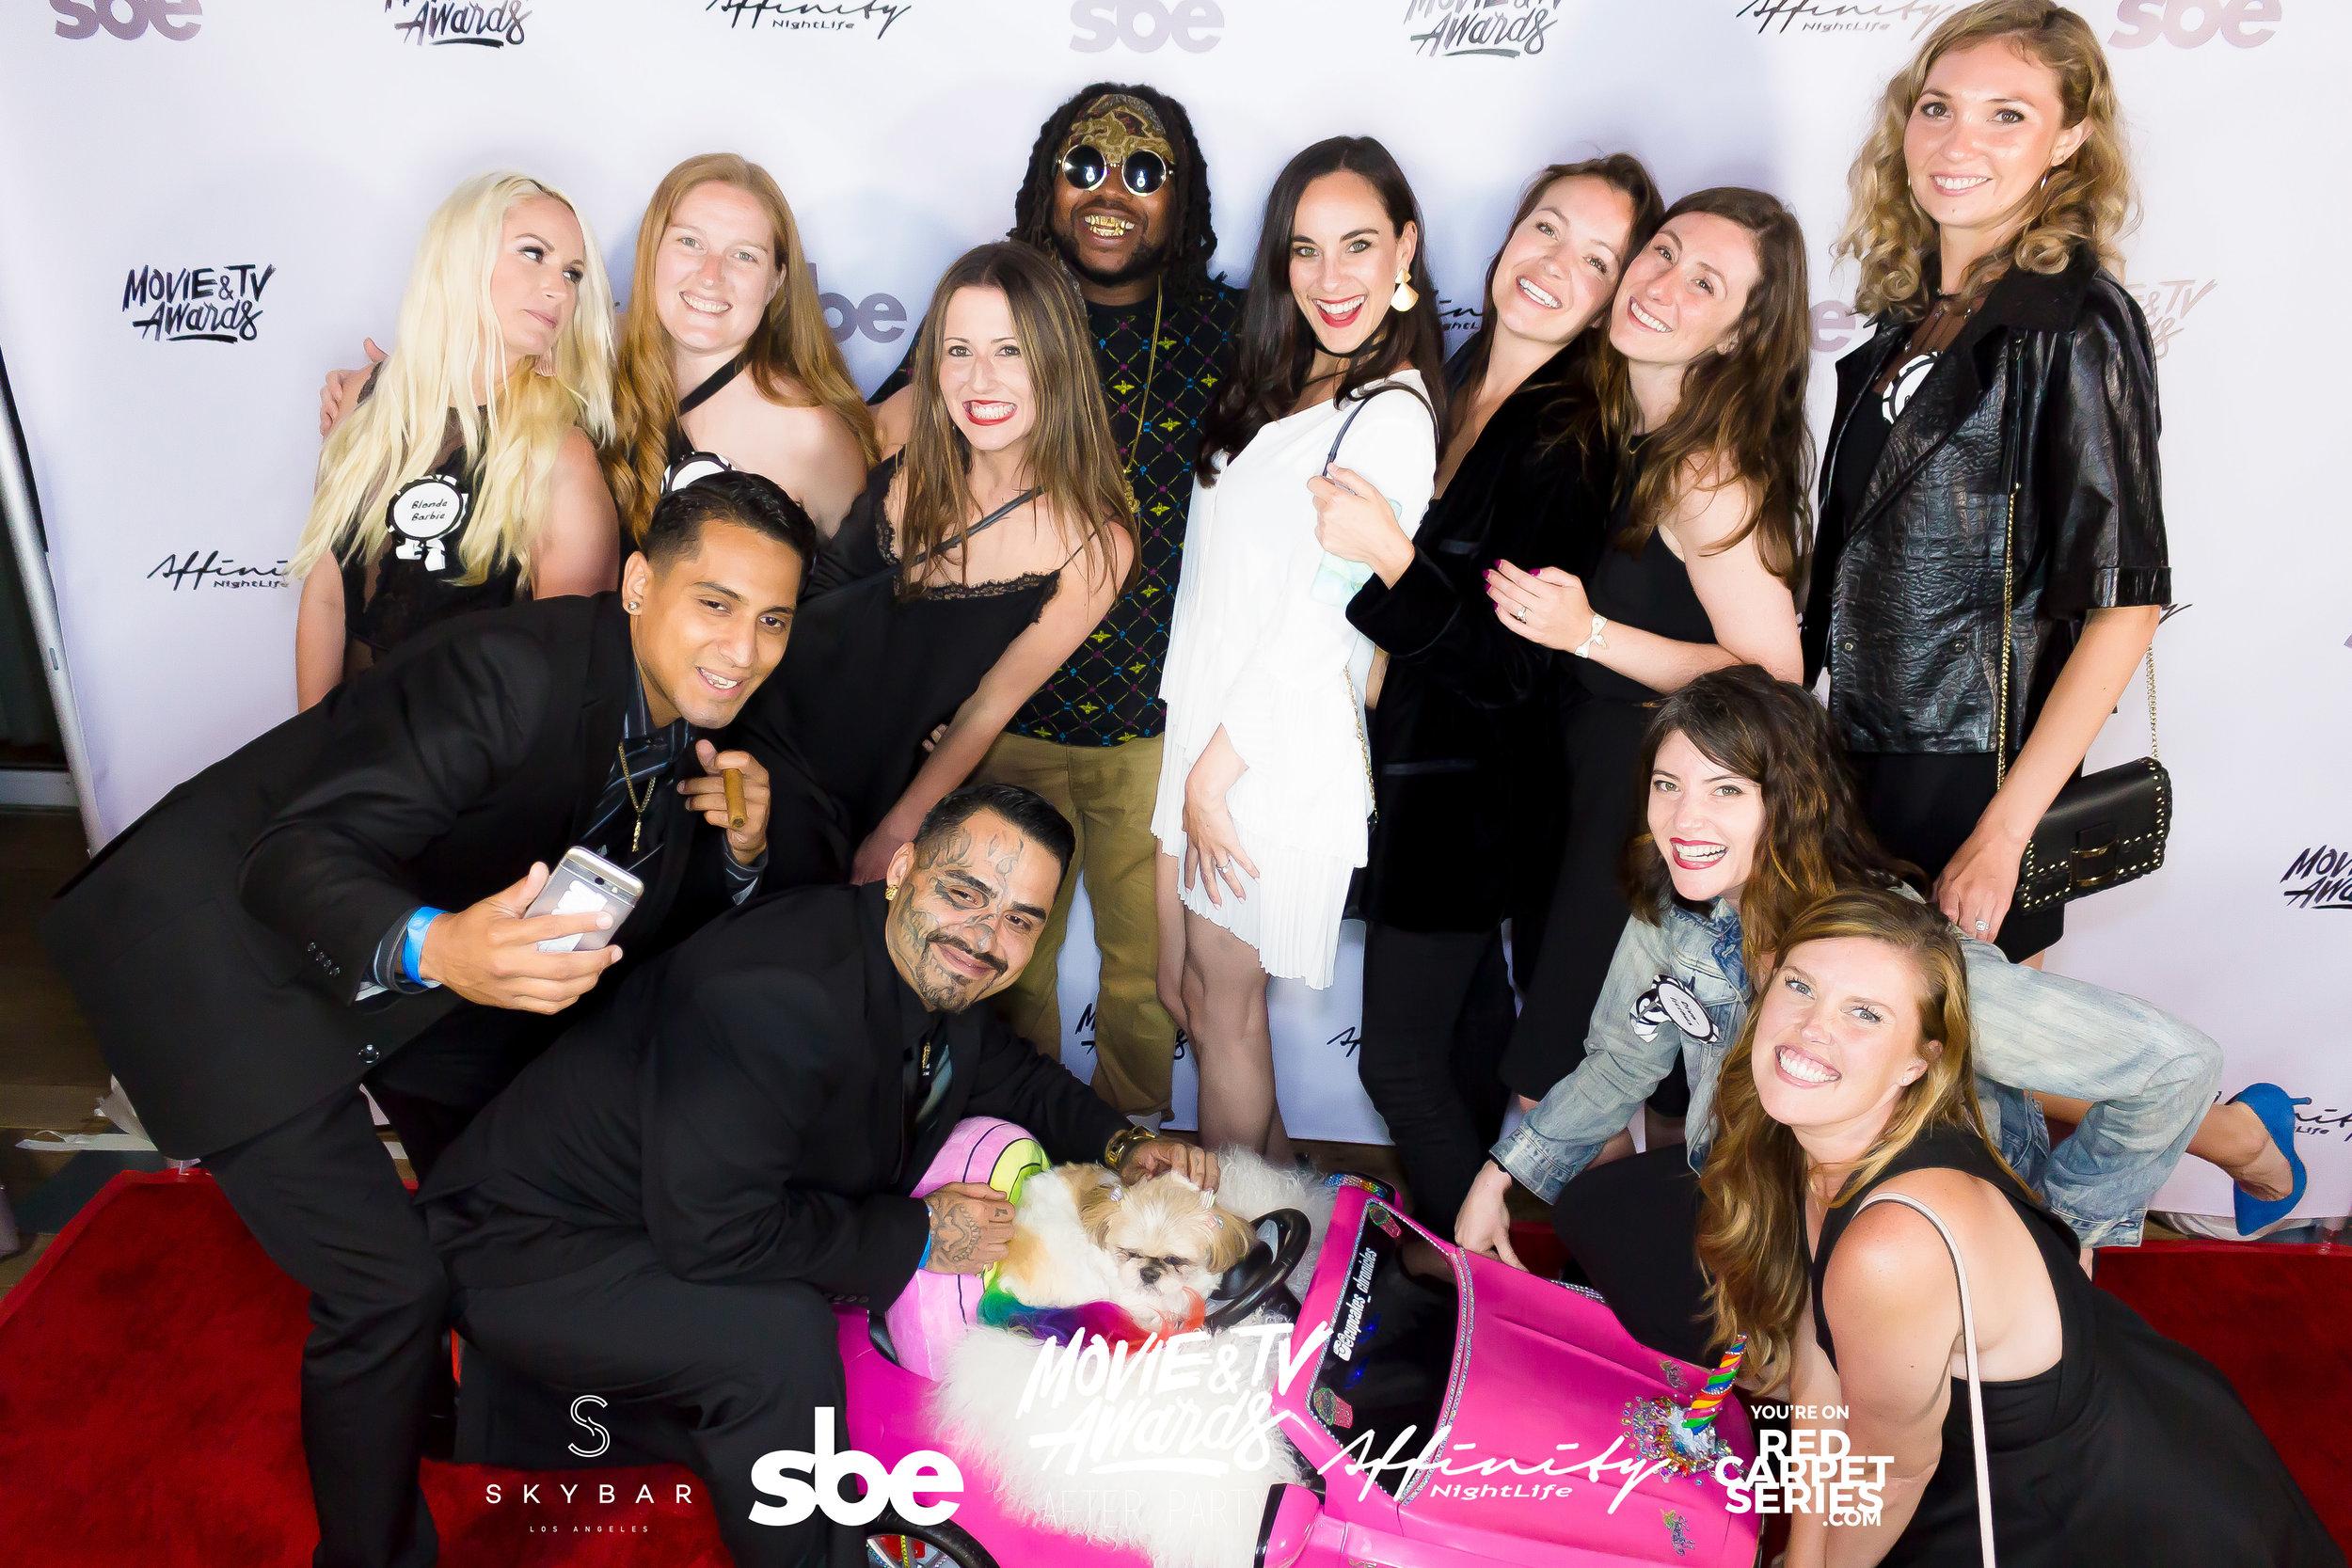 Affinity Nightlife MTV Movie & TV Awards After Party - Skybar at Mondrian - 06-15-19 - Vol. 2_129.jpg